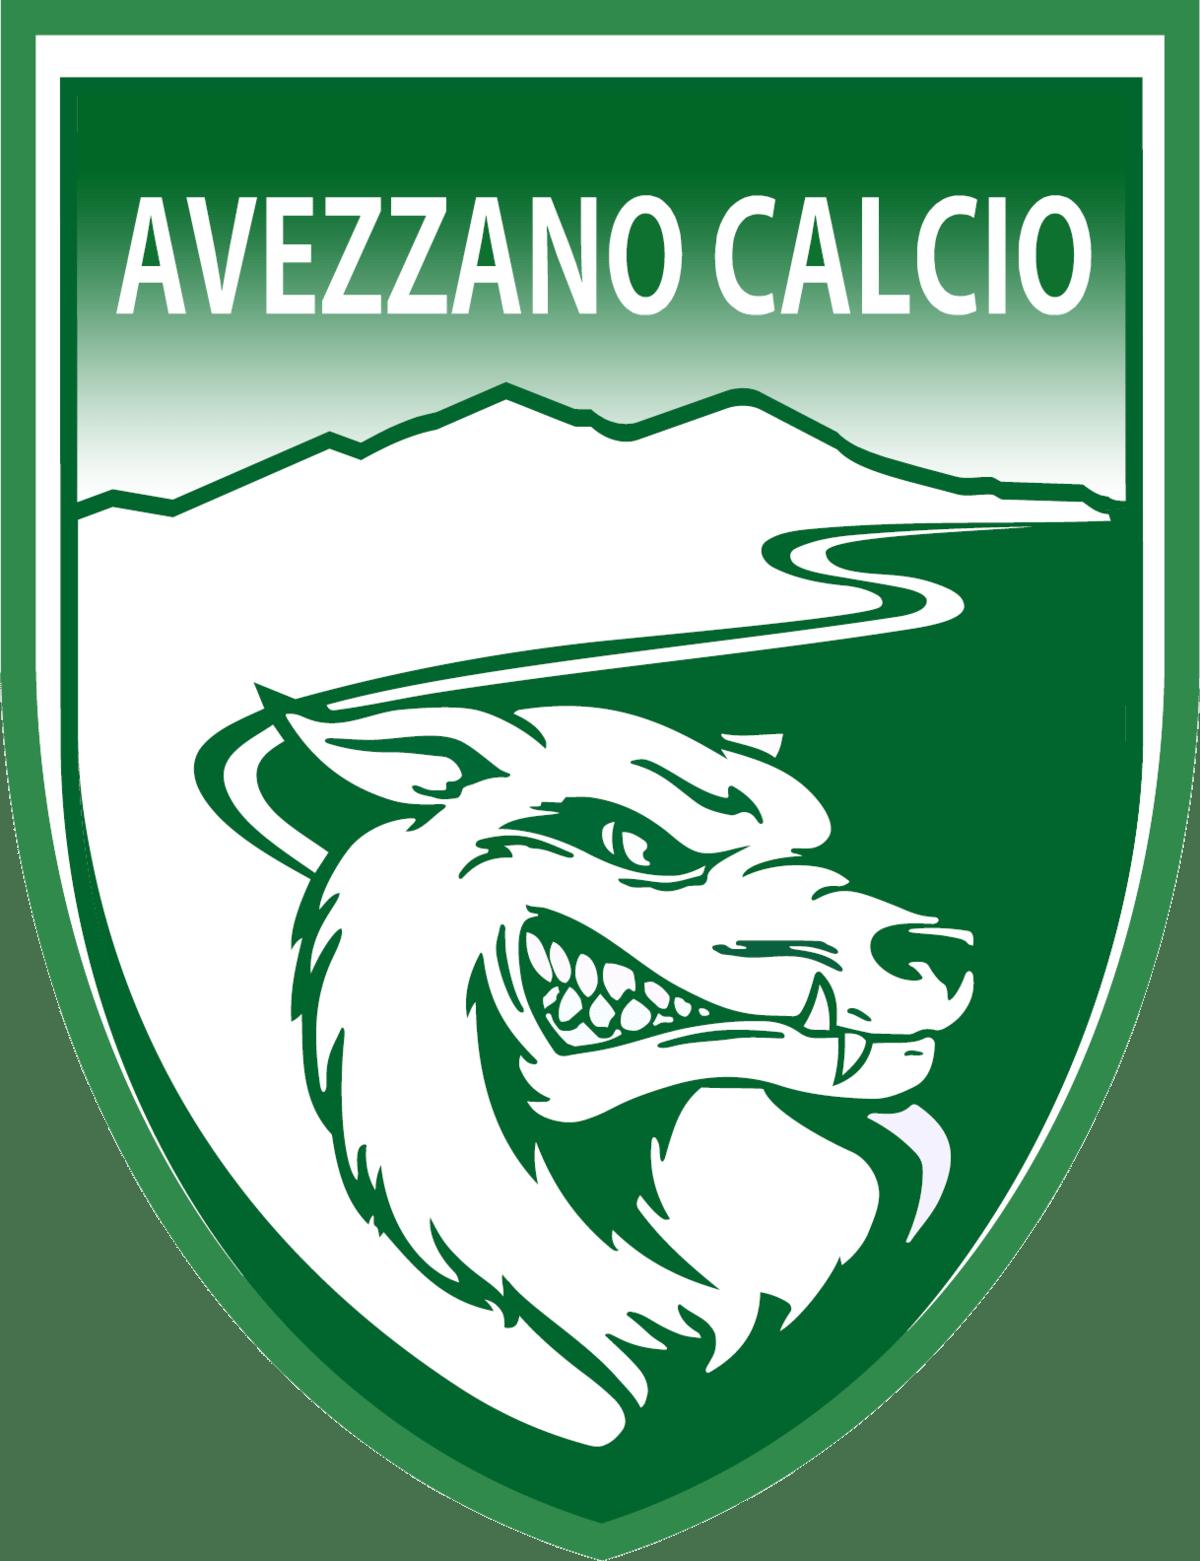 Avezzano Calcio Wikipedia